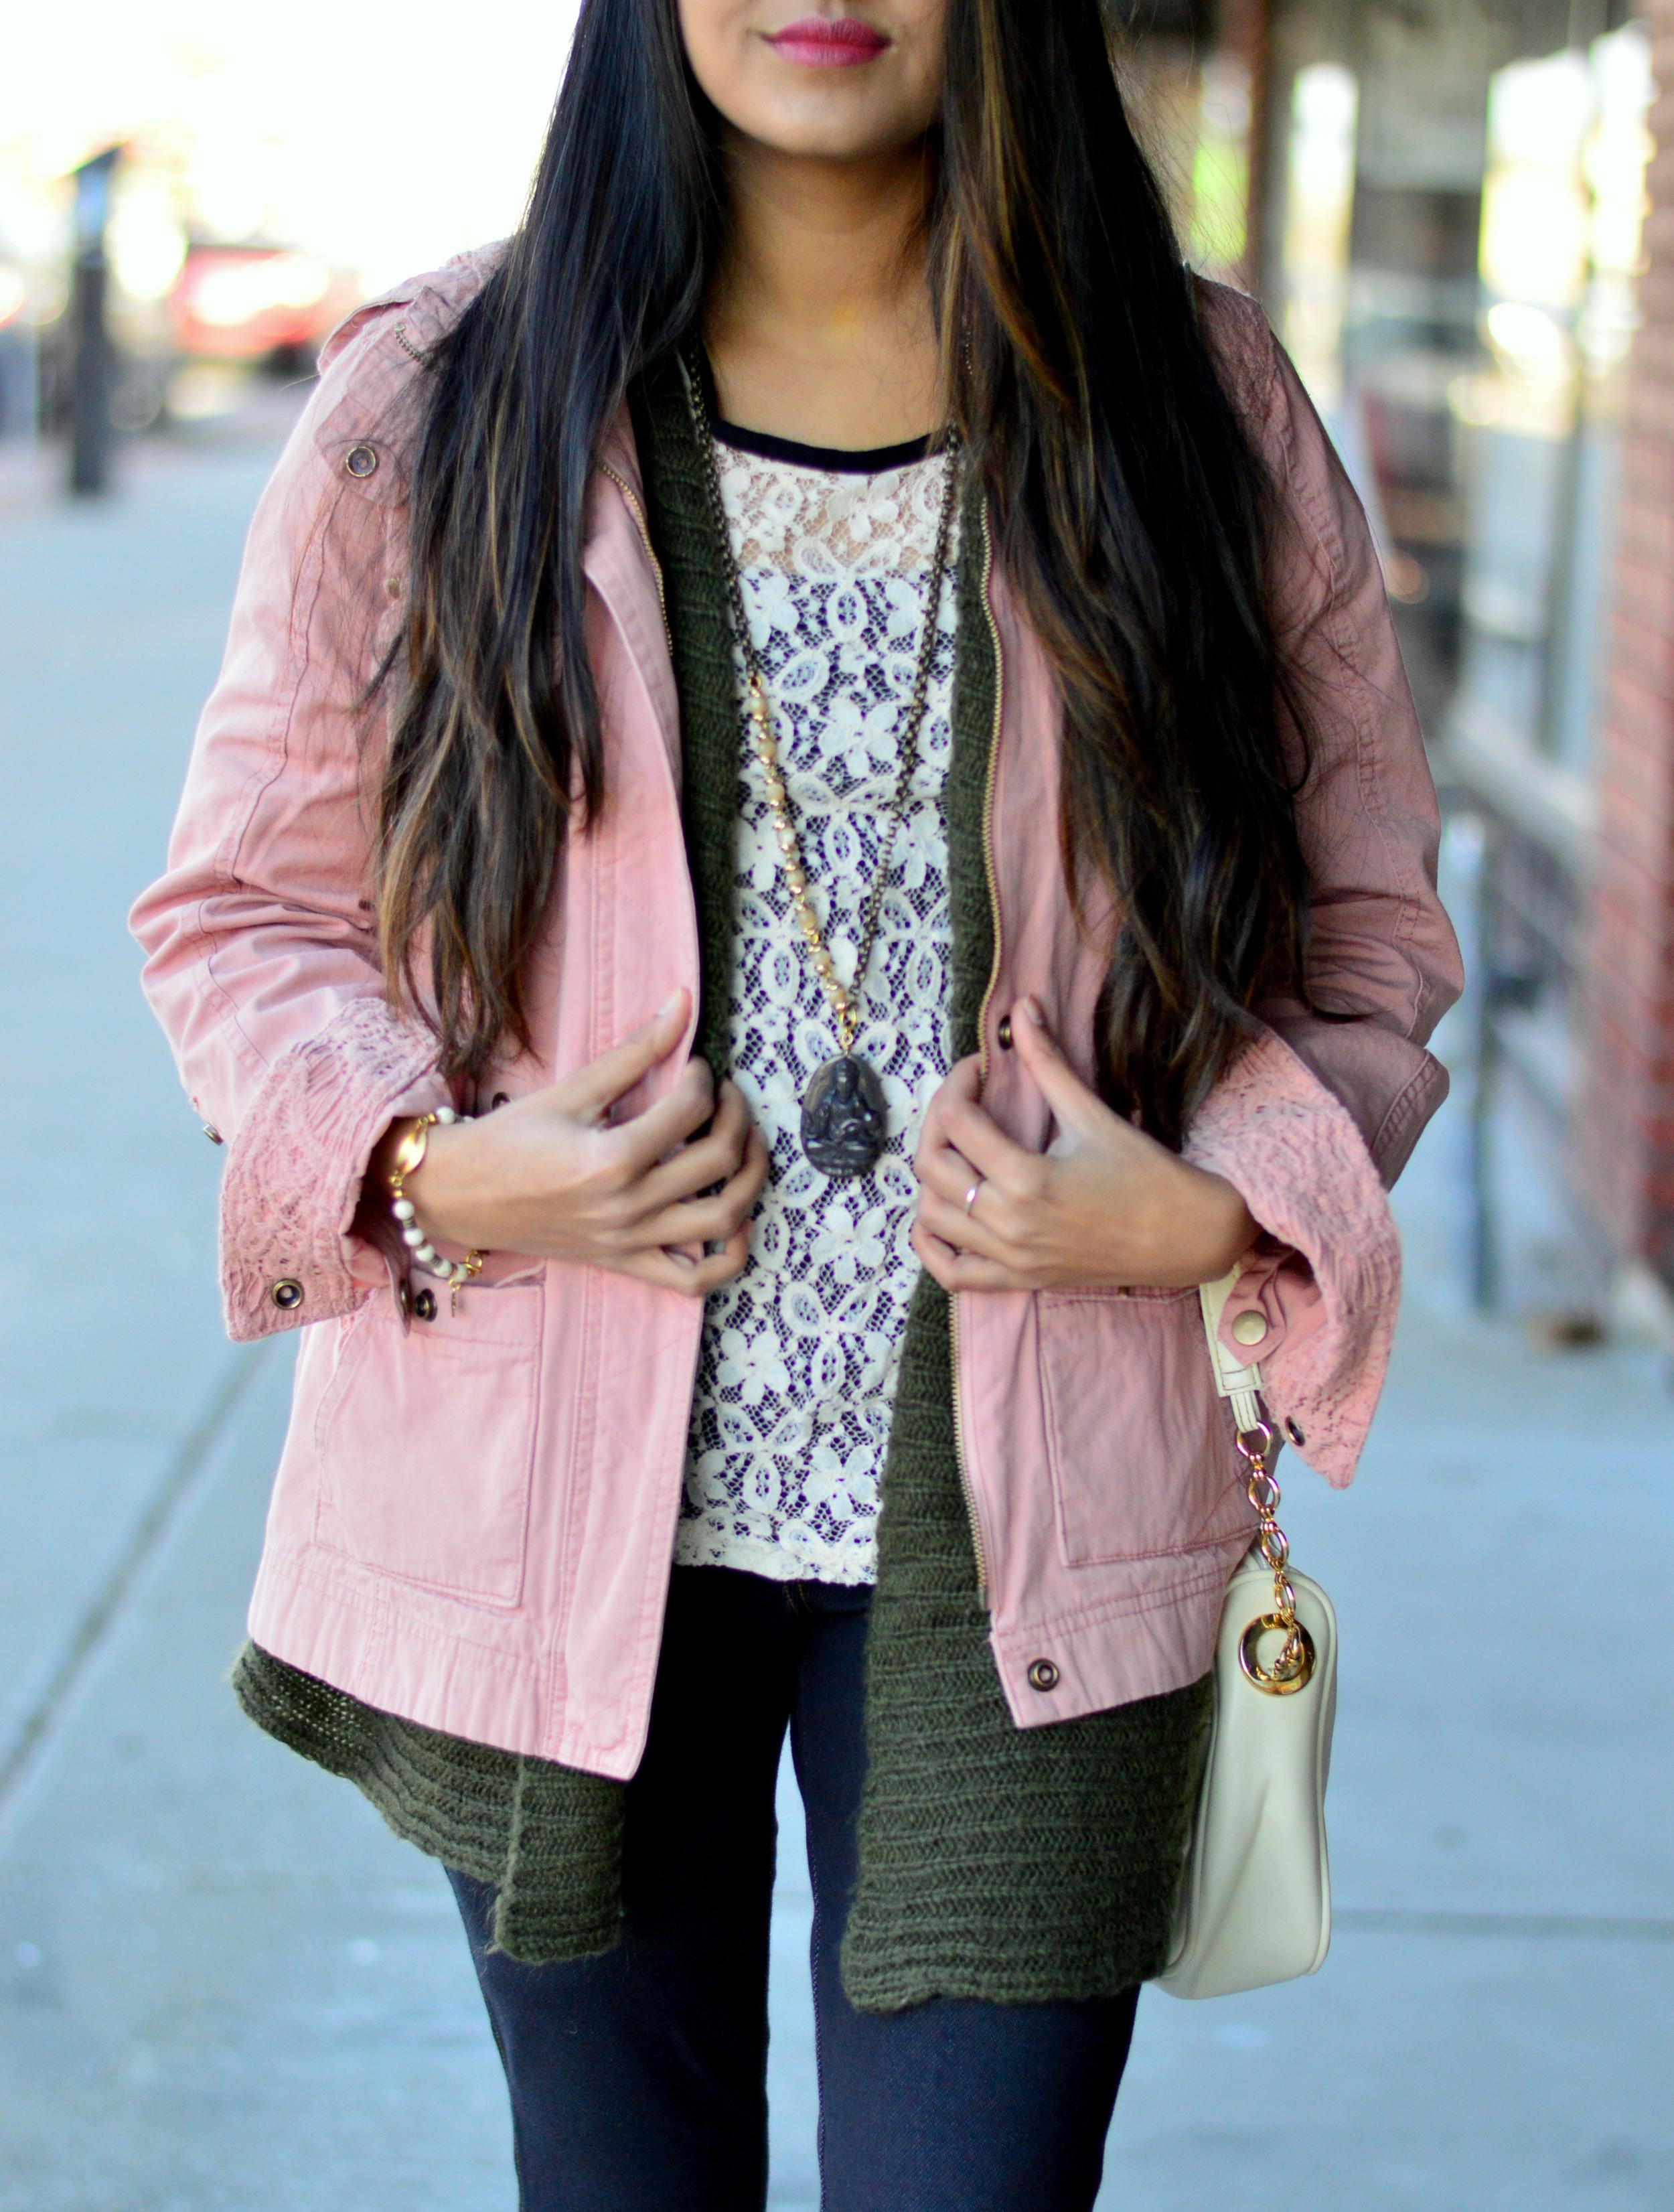 utility-jacket-lace-spring-style 4